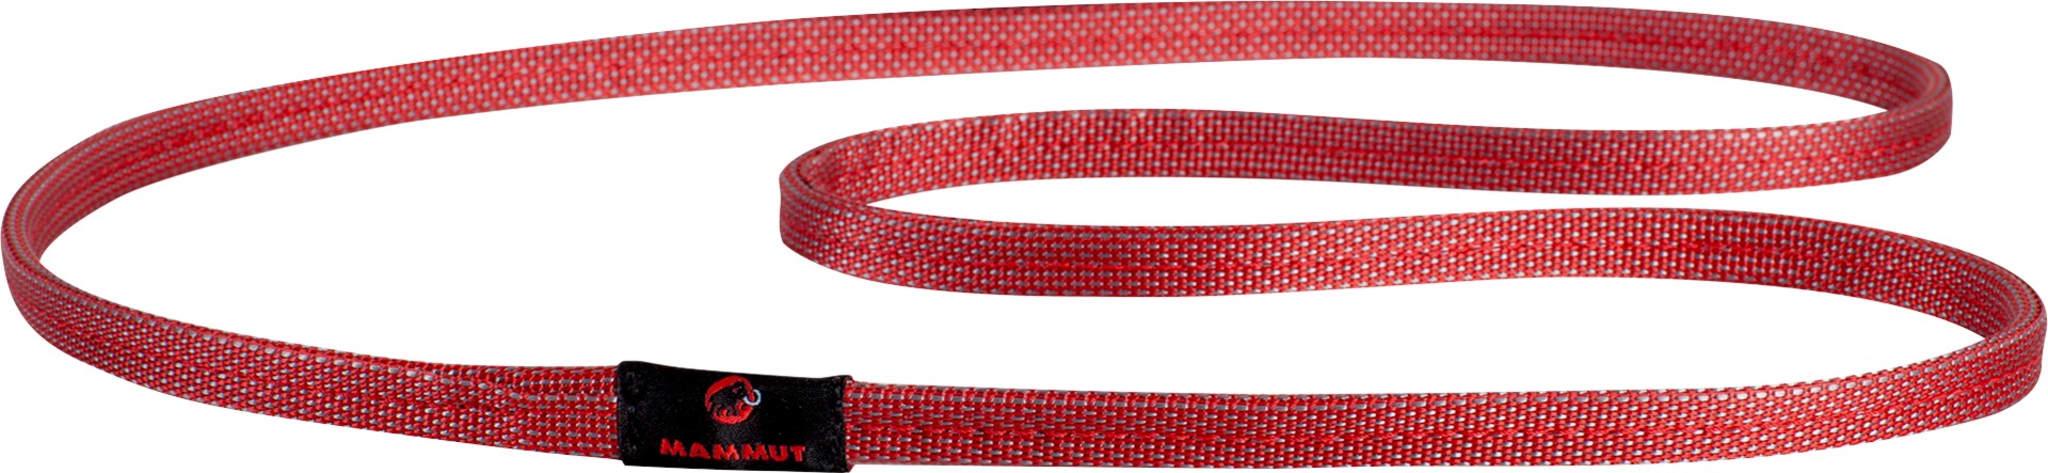 Lett dyneemaslynge med slitesterk strømpe